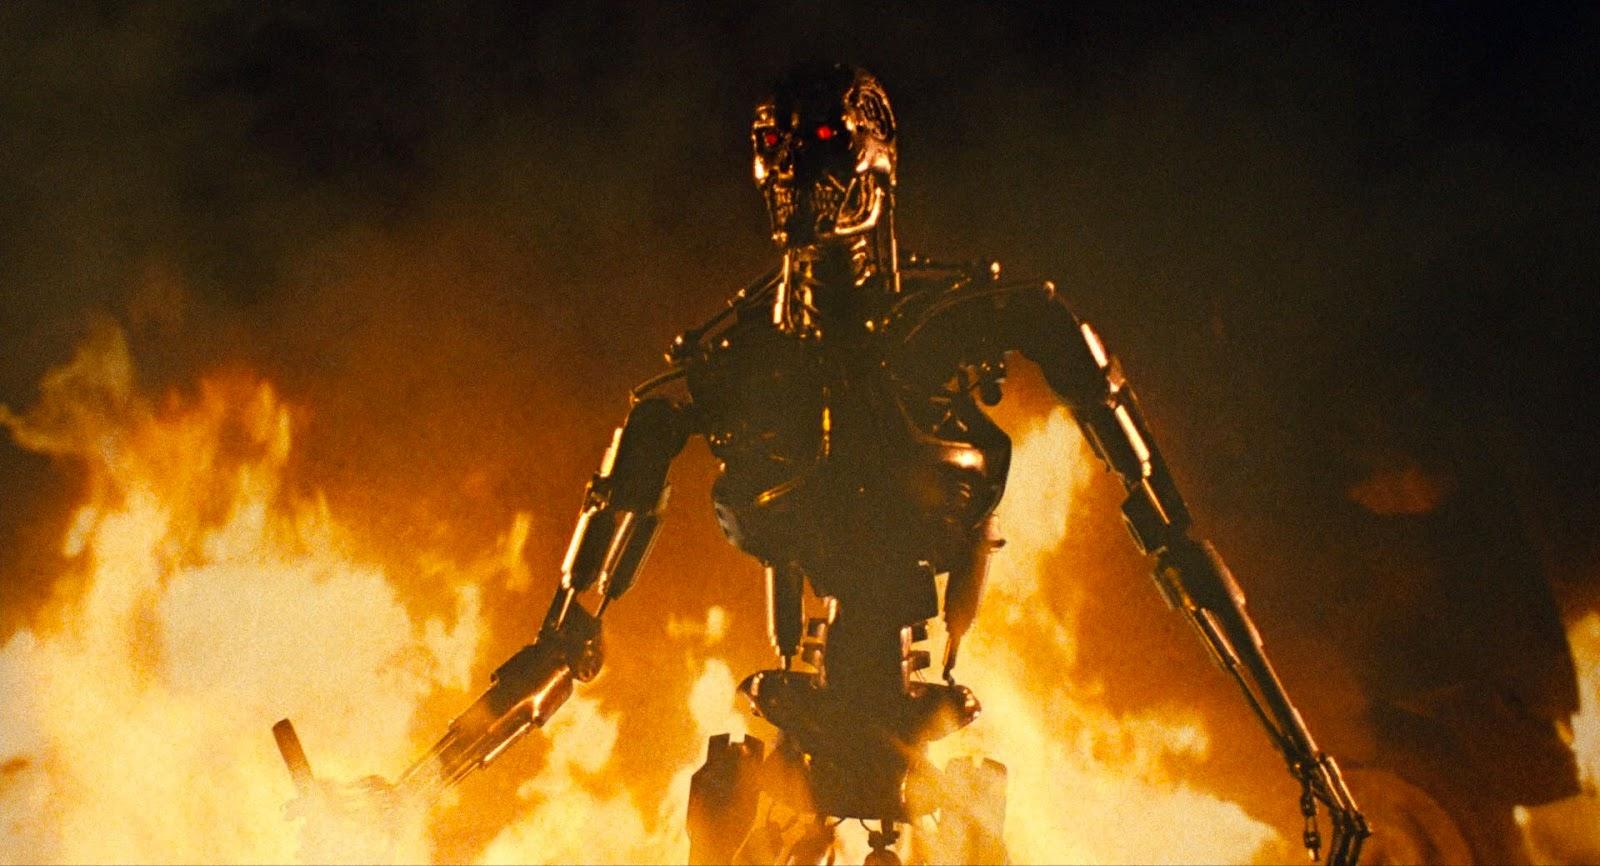 #Terminator tendrá enfoque de terror